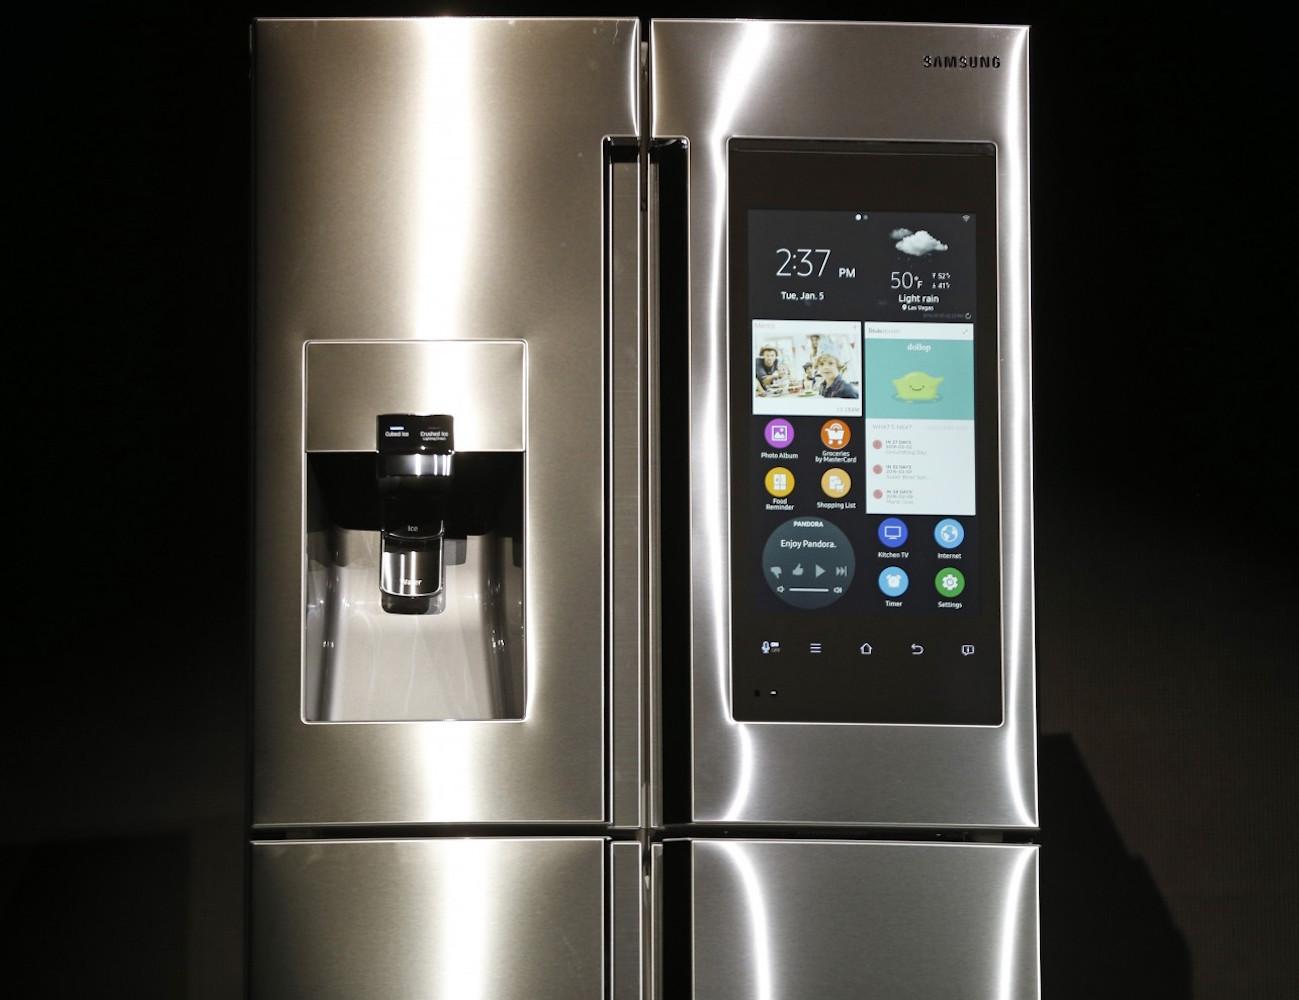 Samsung-Family-Hub-Smart-Fridge-02